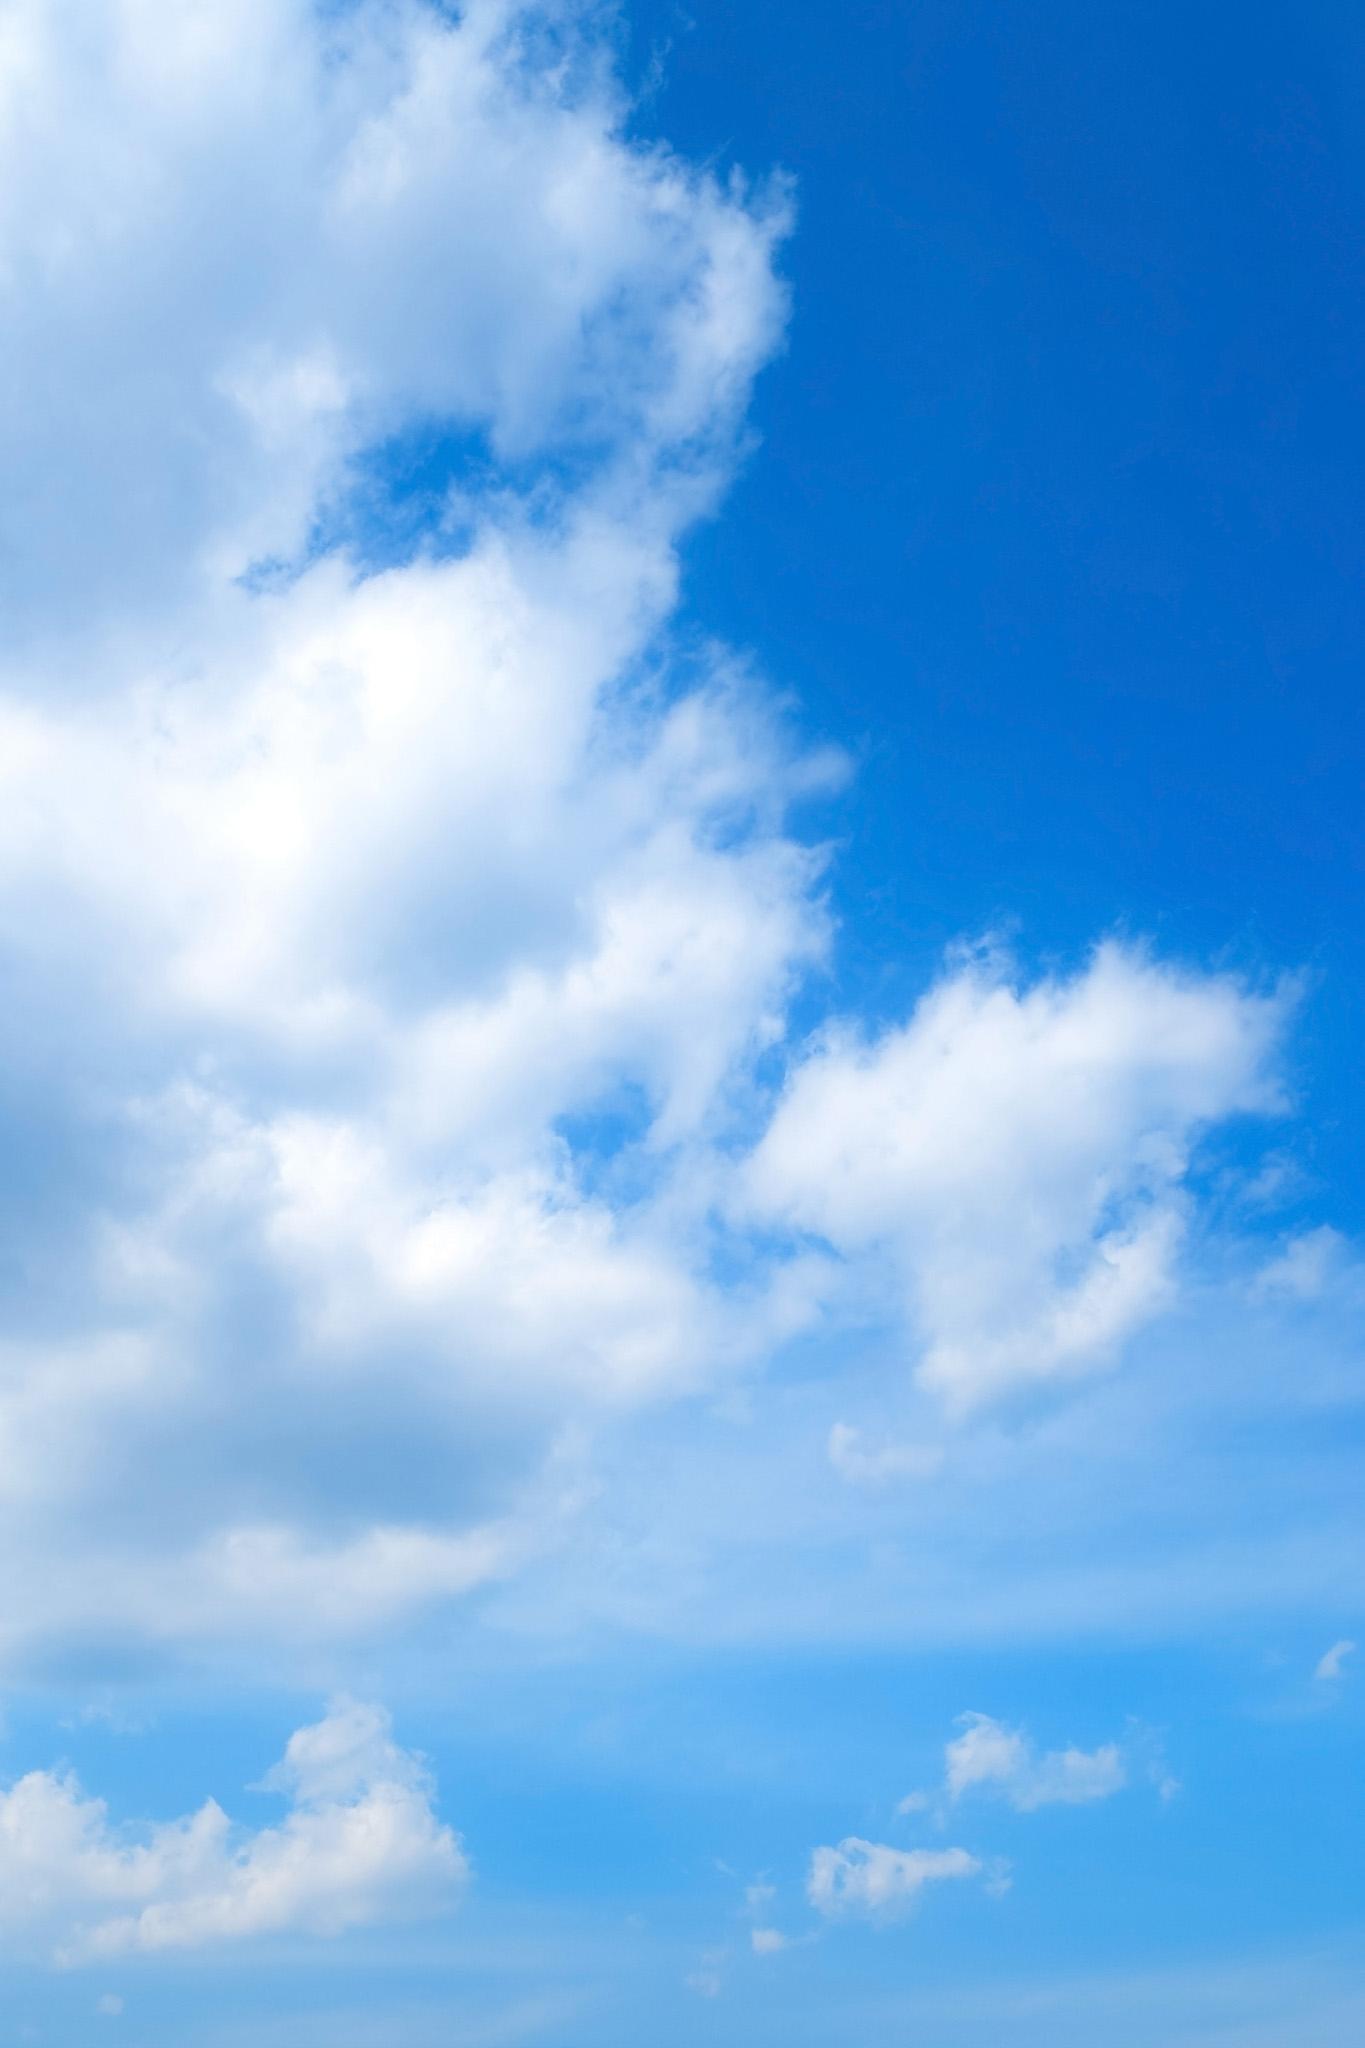 「青空と巨きな積雲」